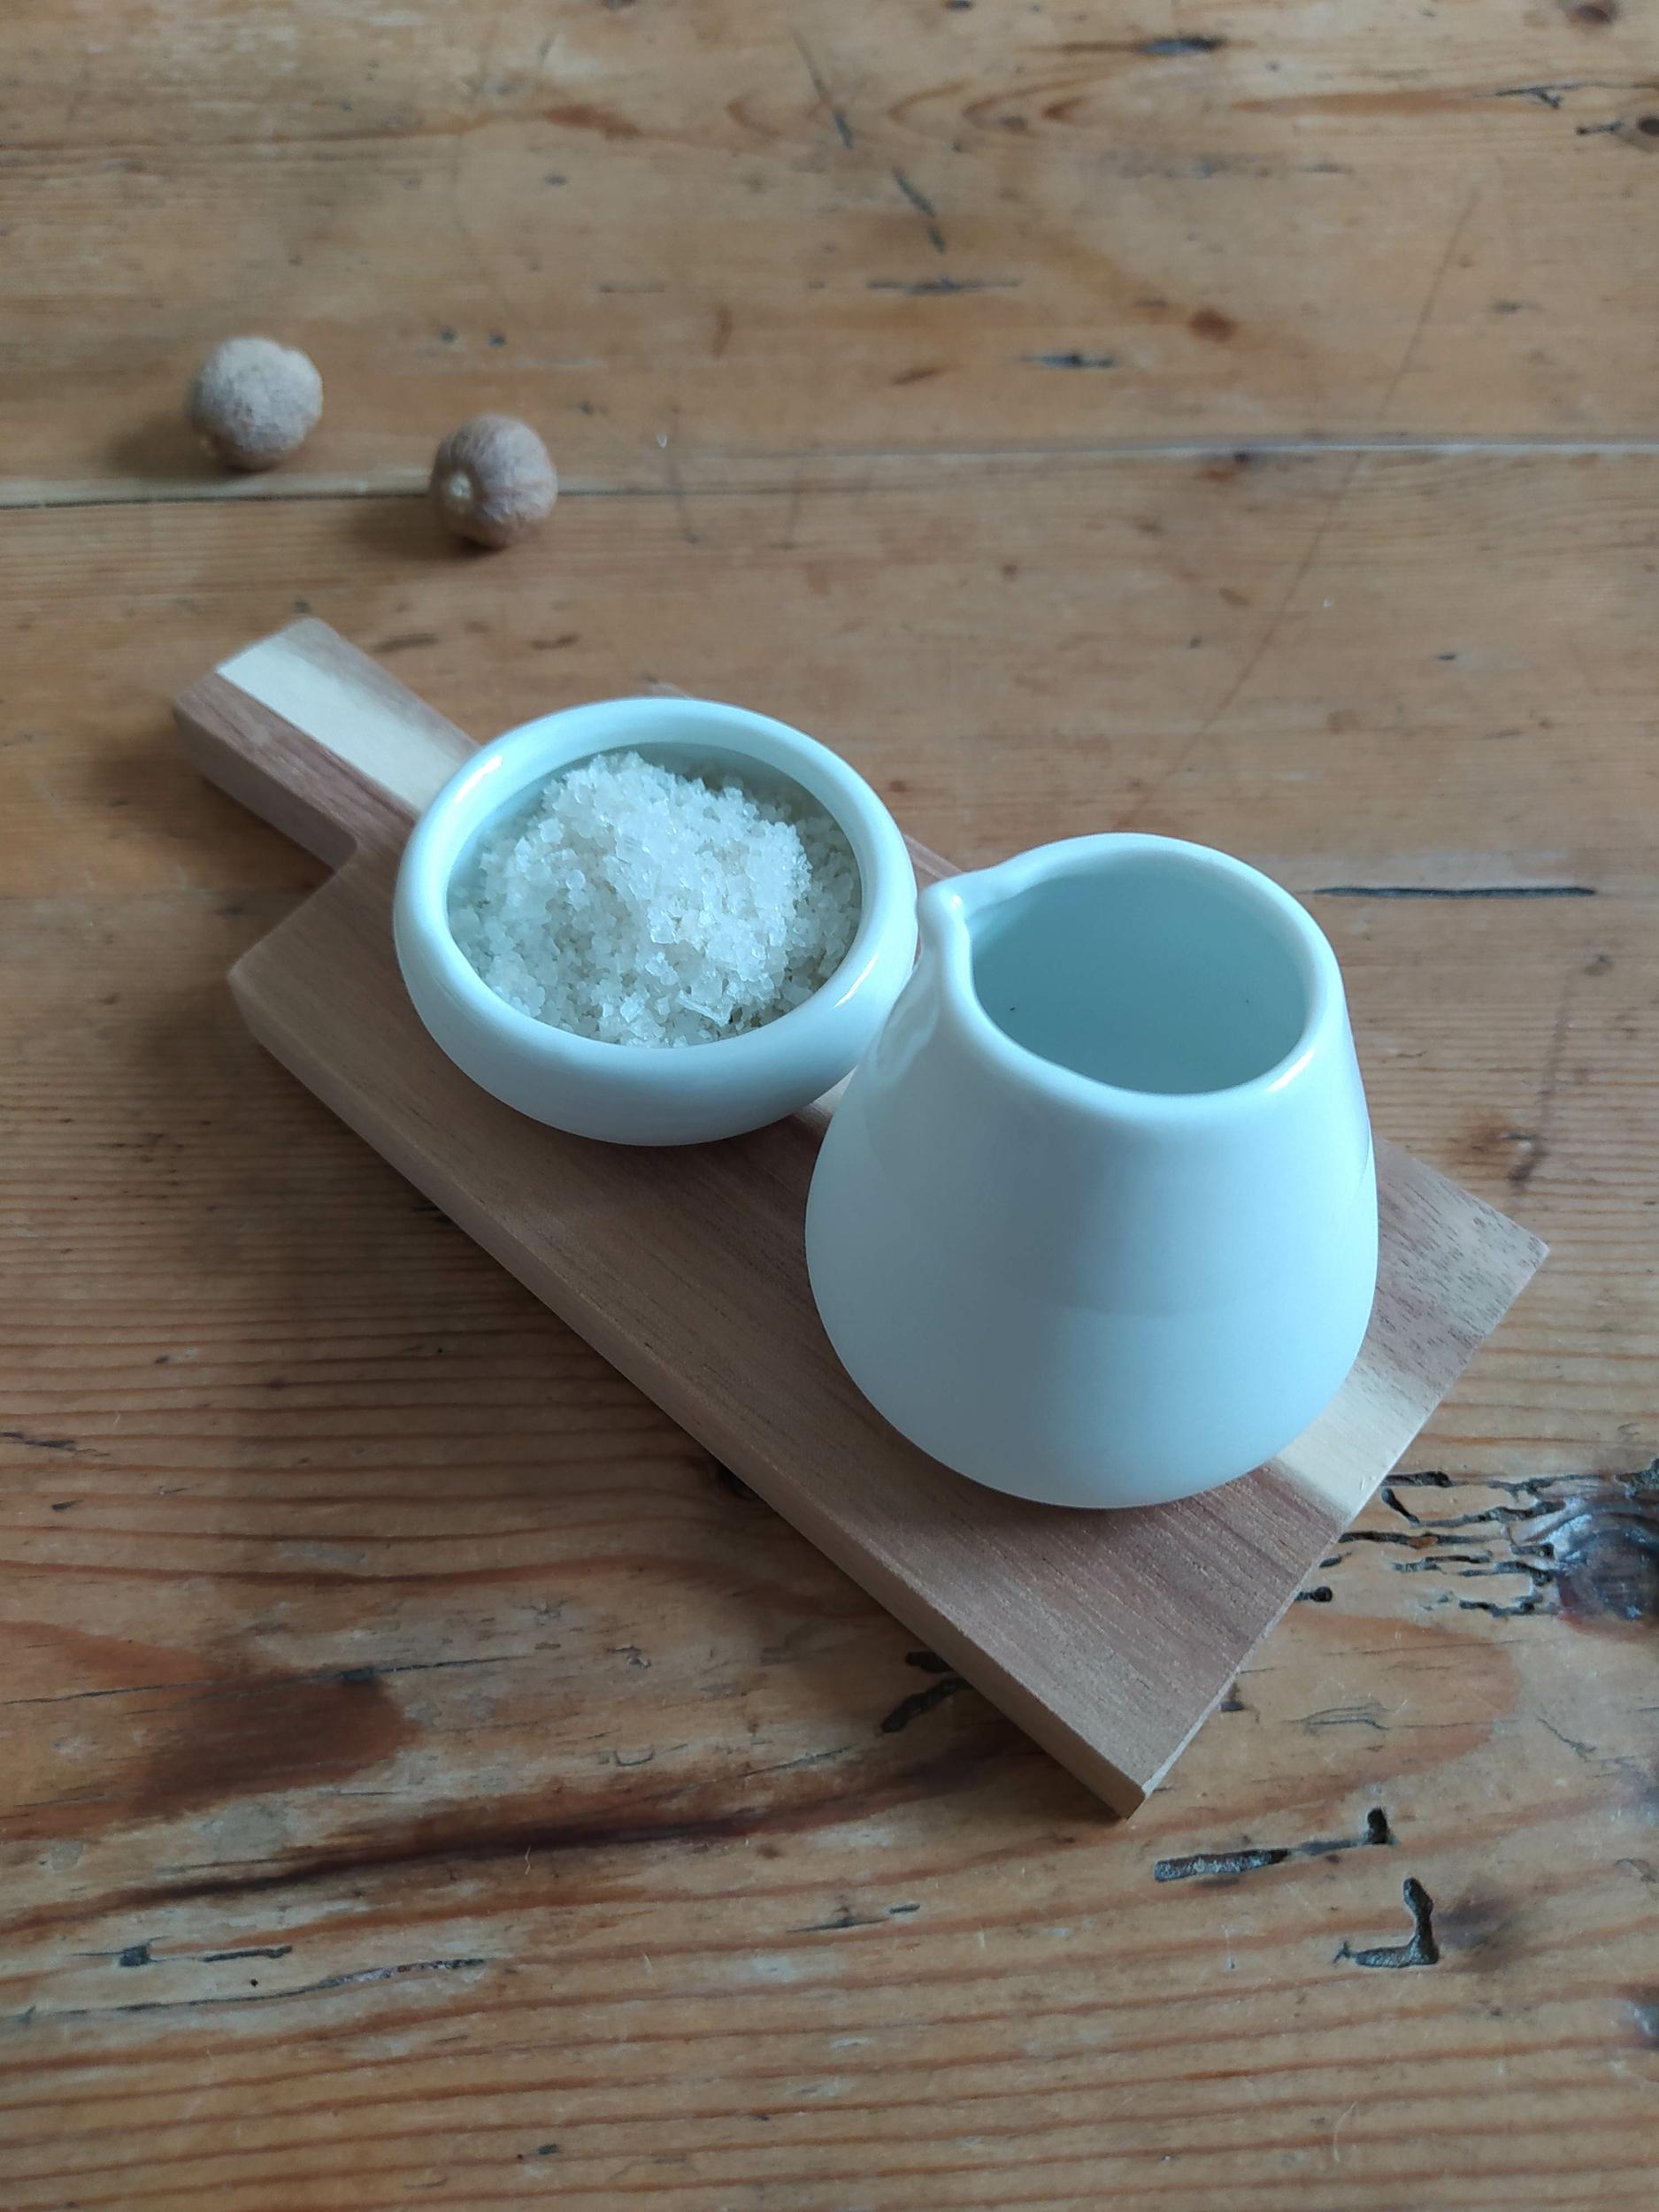 Set pichet & ramequin en porcelaine sur planche bois